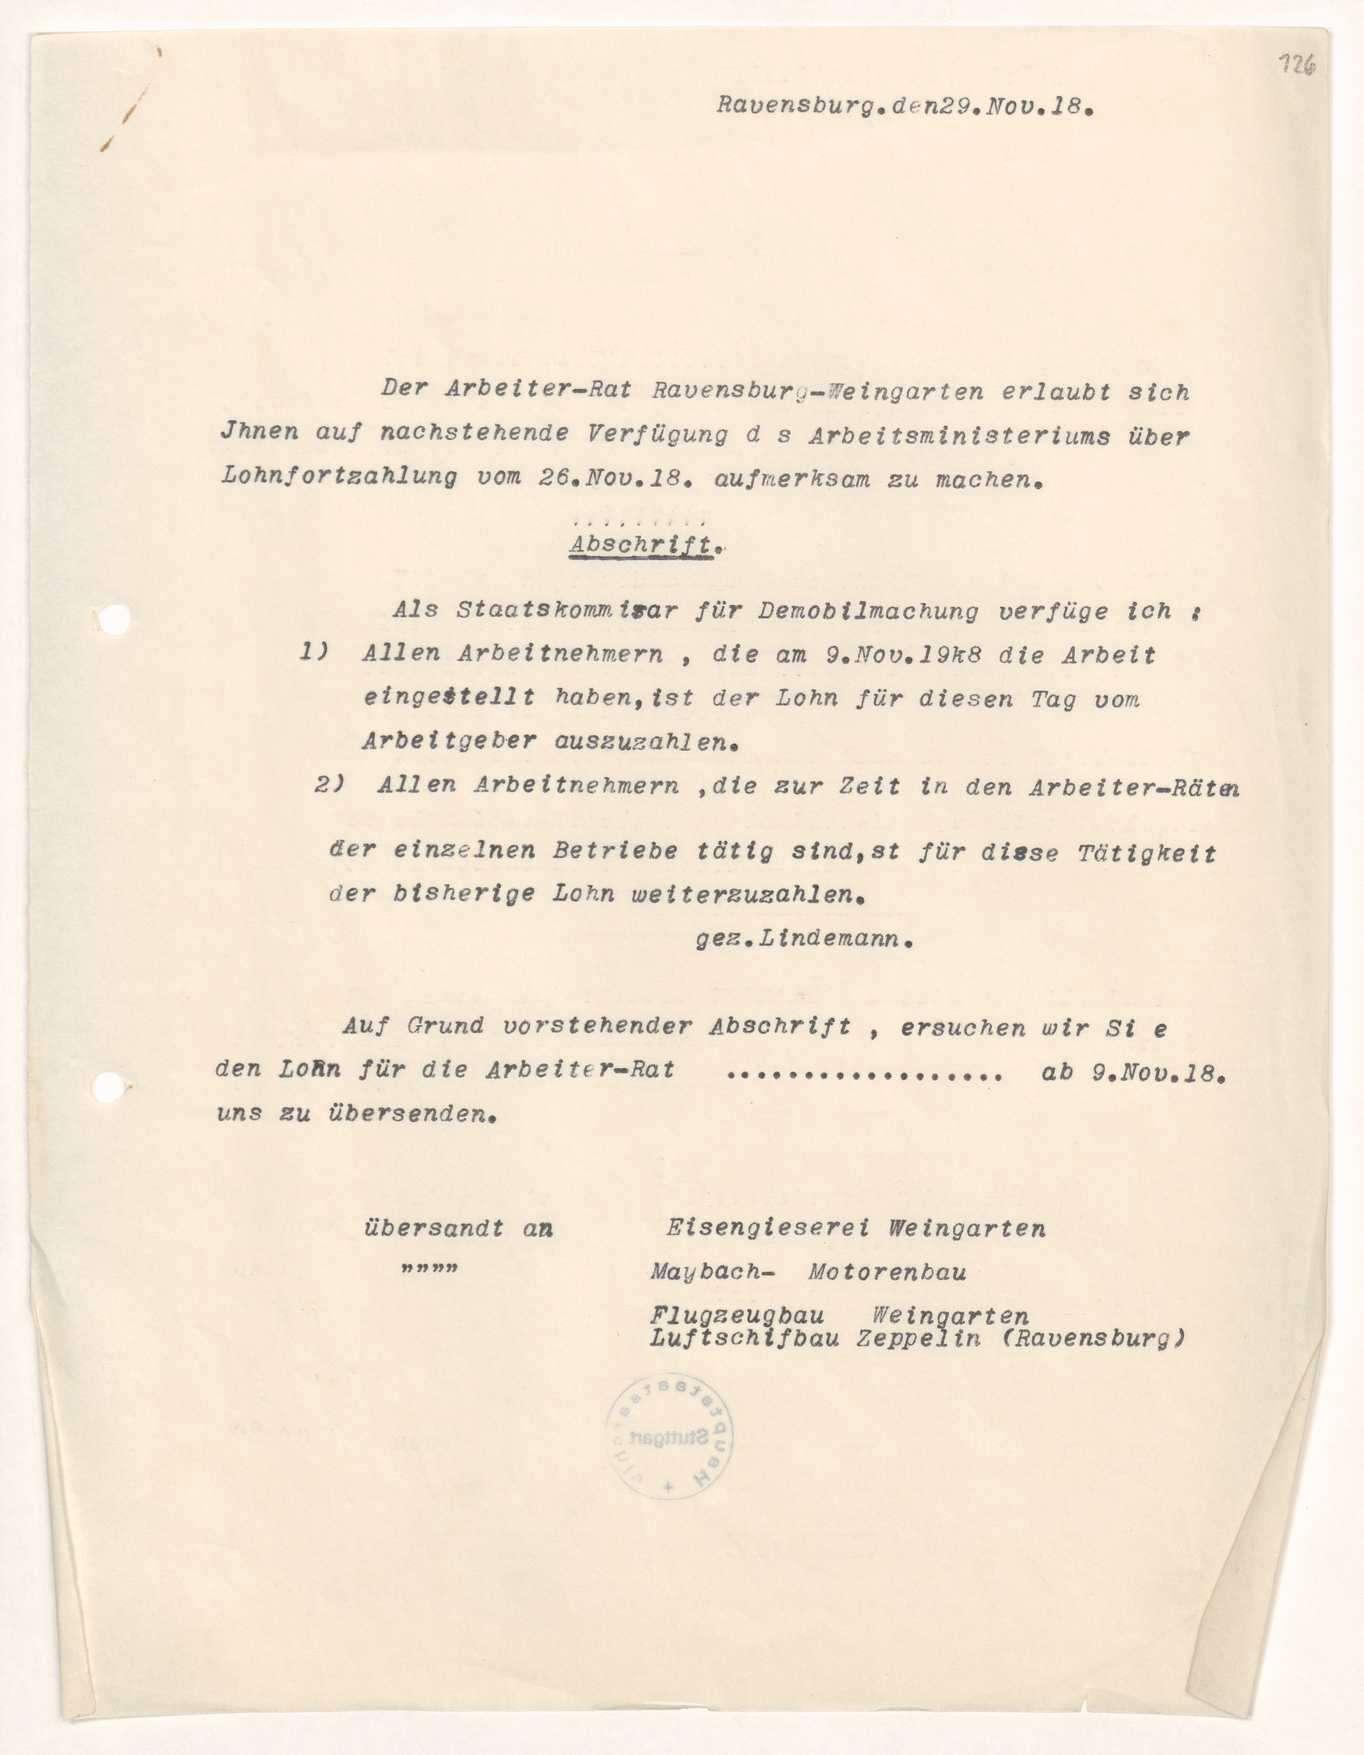 Besoldung der Arbeiterräte in Ravensburg, Bild 1